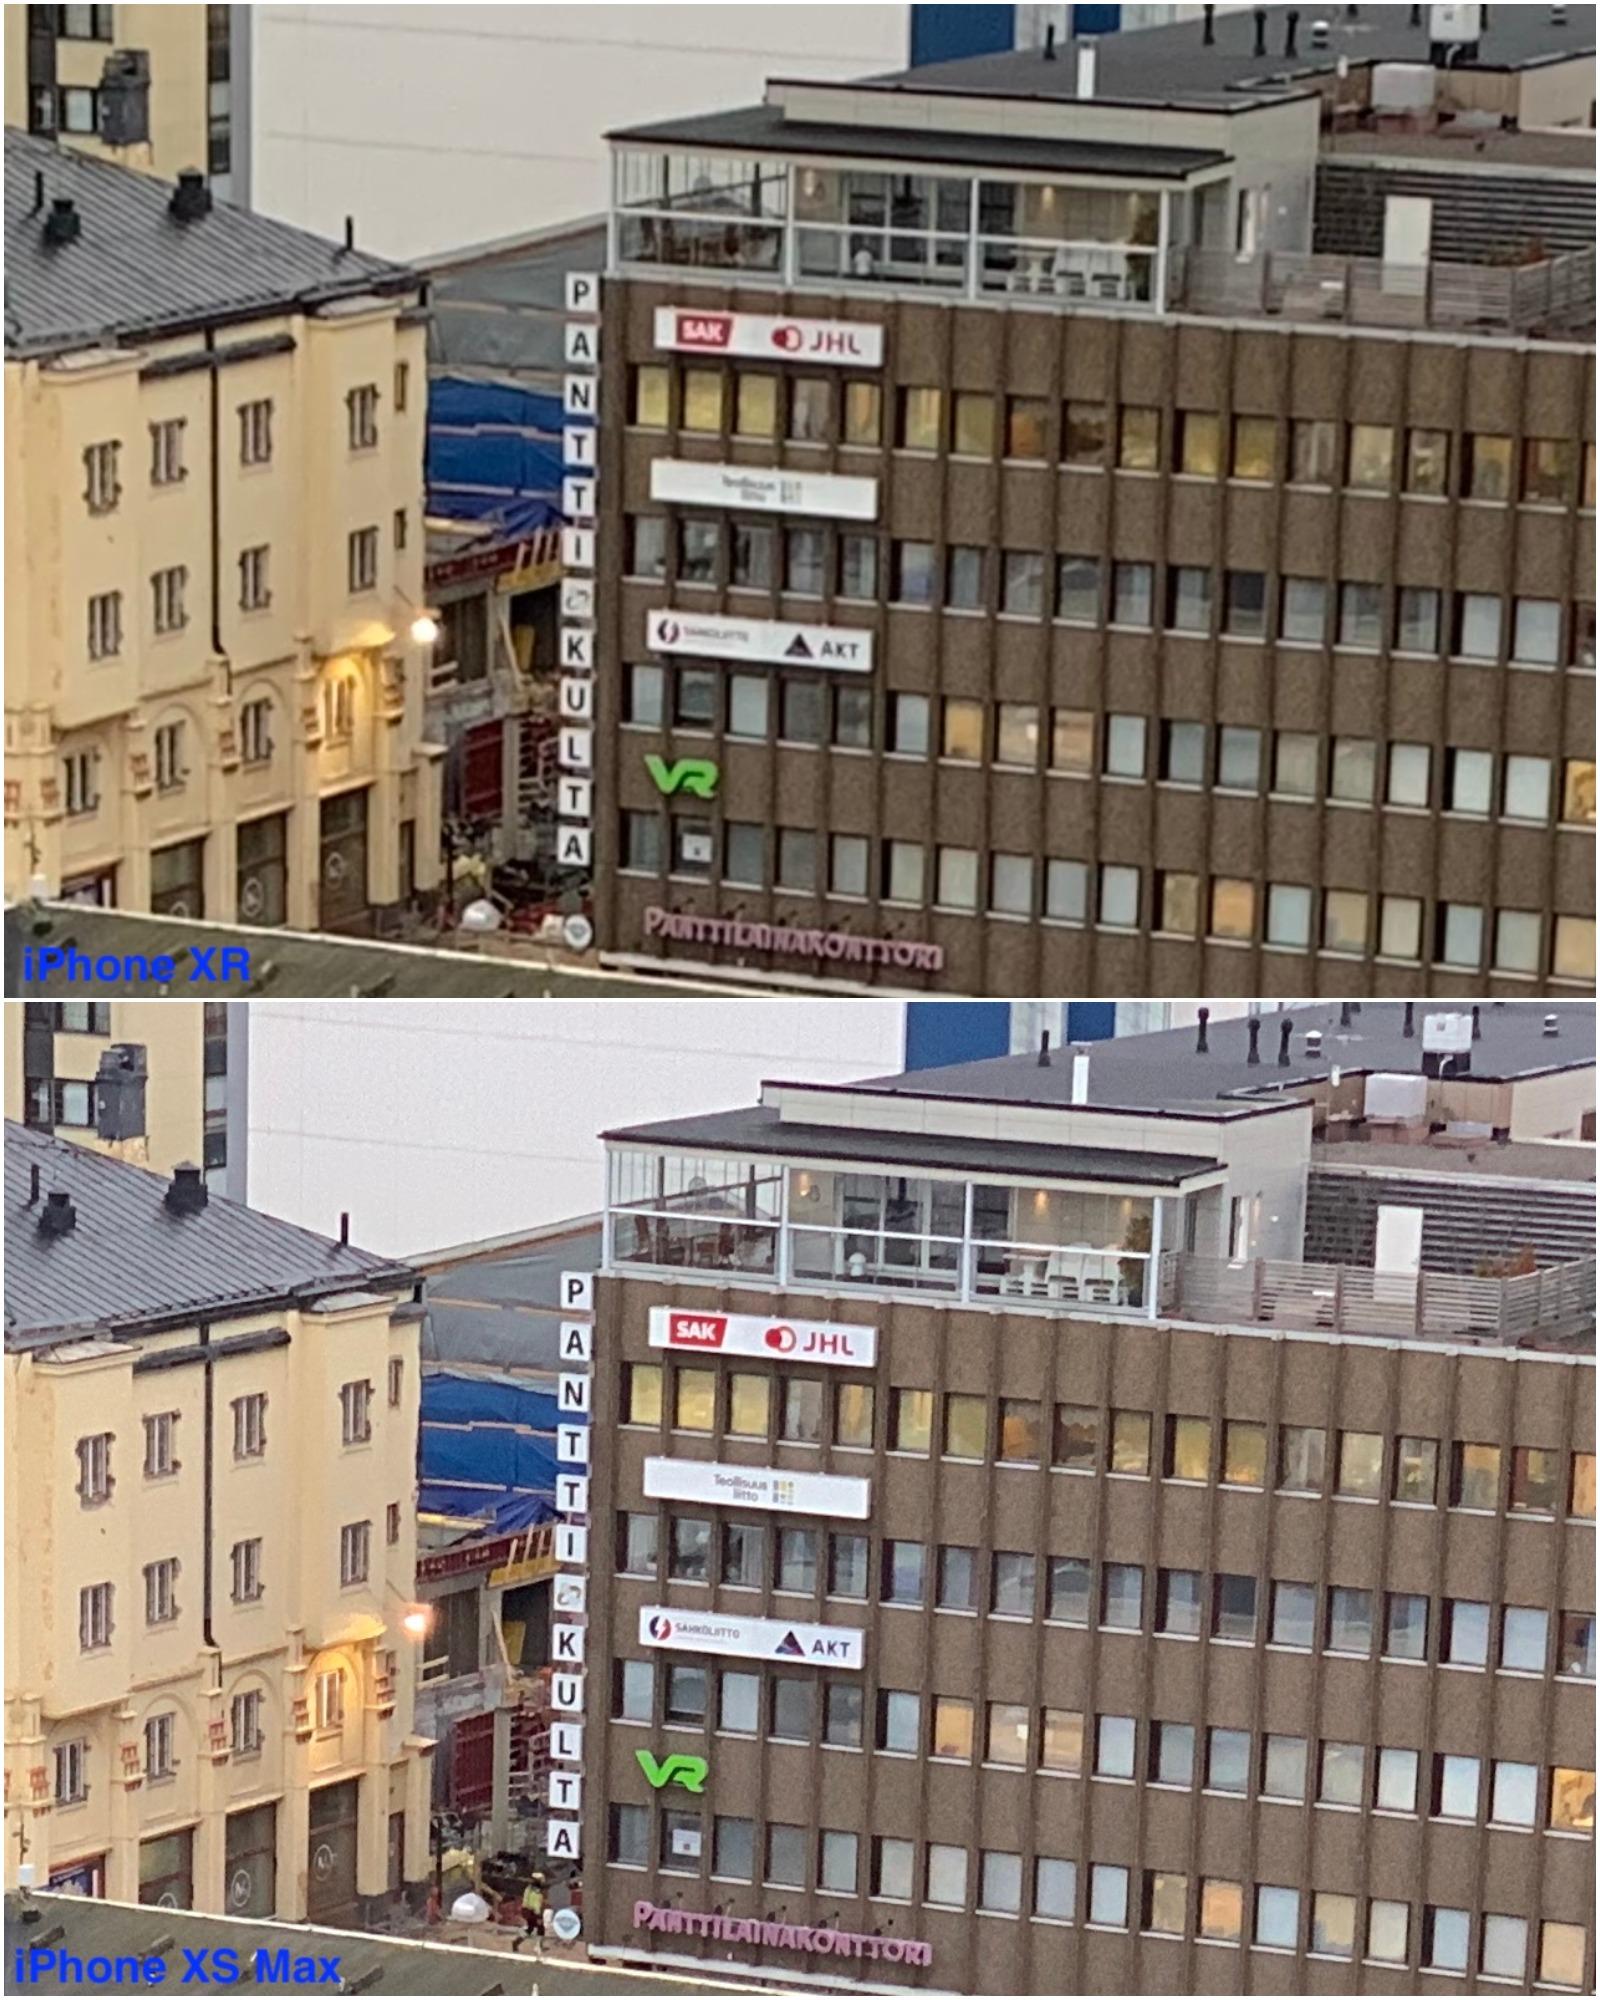 Kuvat on otettu iPhone XS Maxilla 2x zoomilla ja iPhone XR:llä noin 2x zoomilla (zoom ainoastaan liukusäätimellä, ei 2x-tilaa valitsimella), jonka jälkeen kuvista on rajattu vielä lähempään tarkasteluun valittu alue.